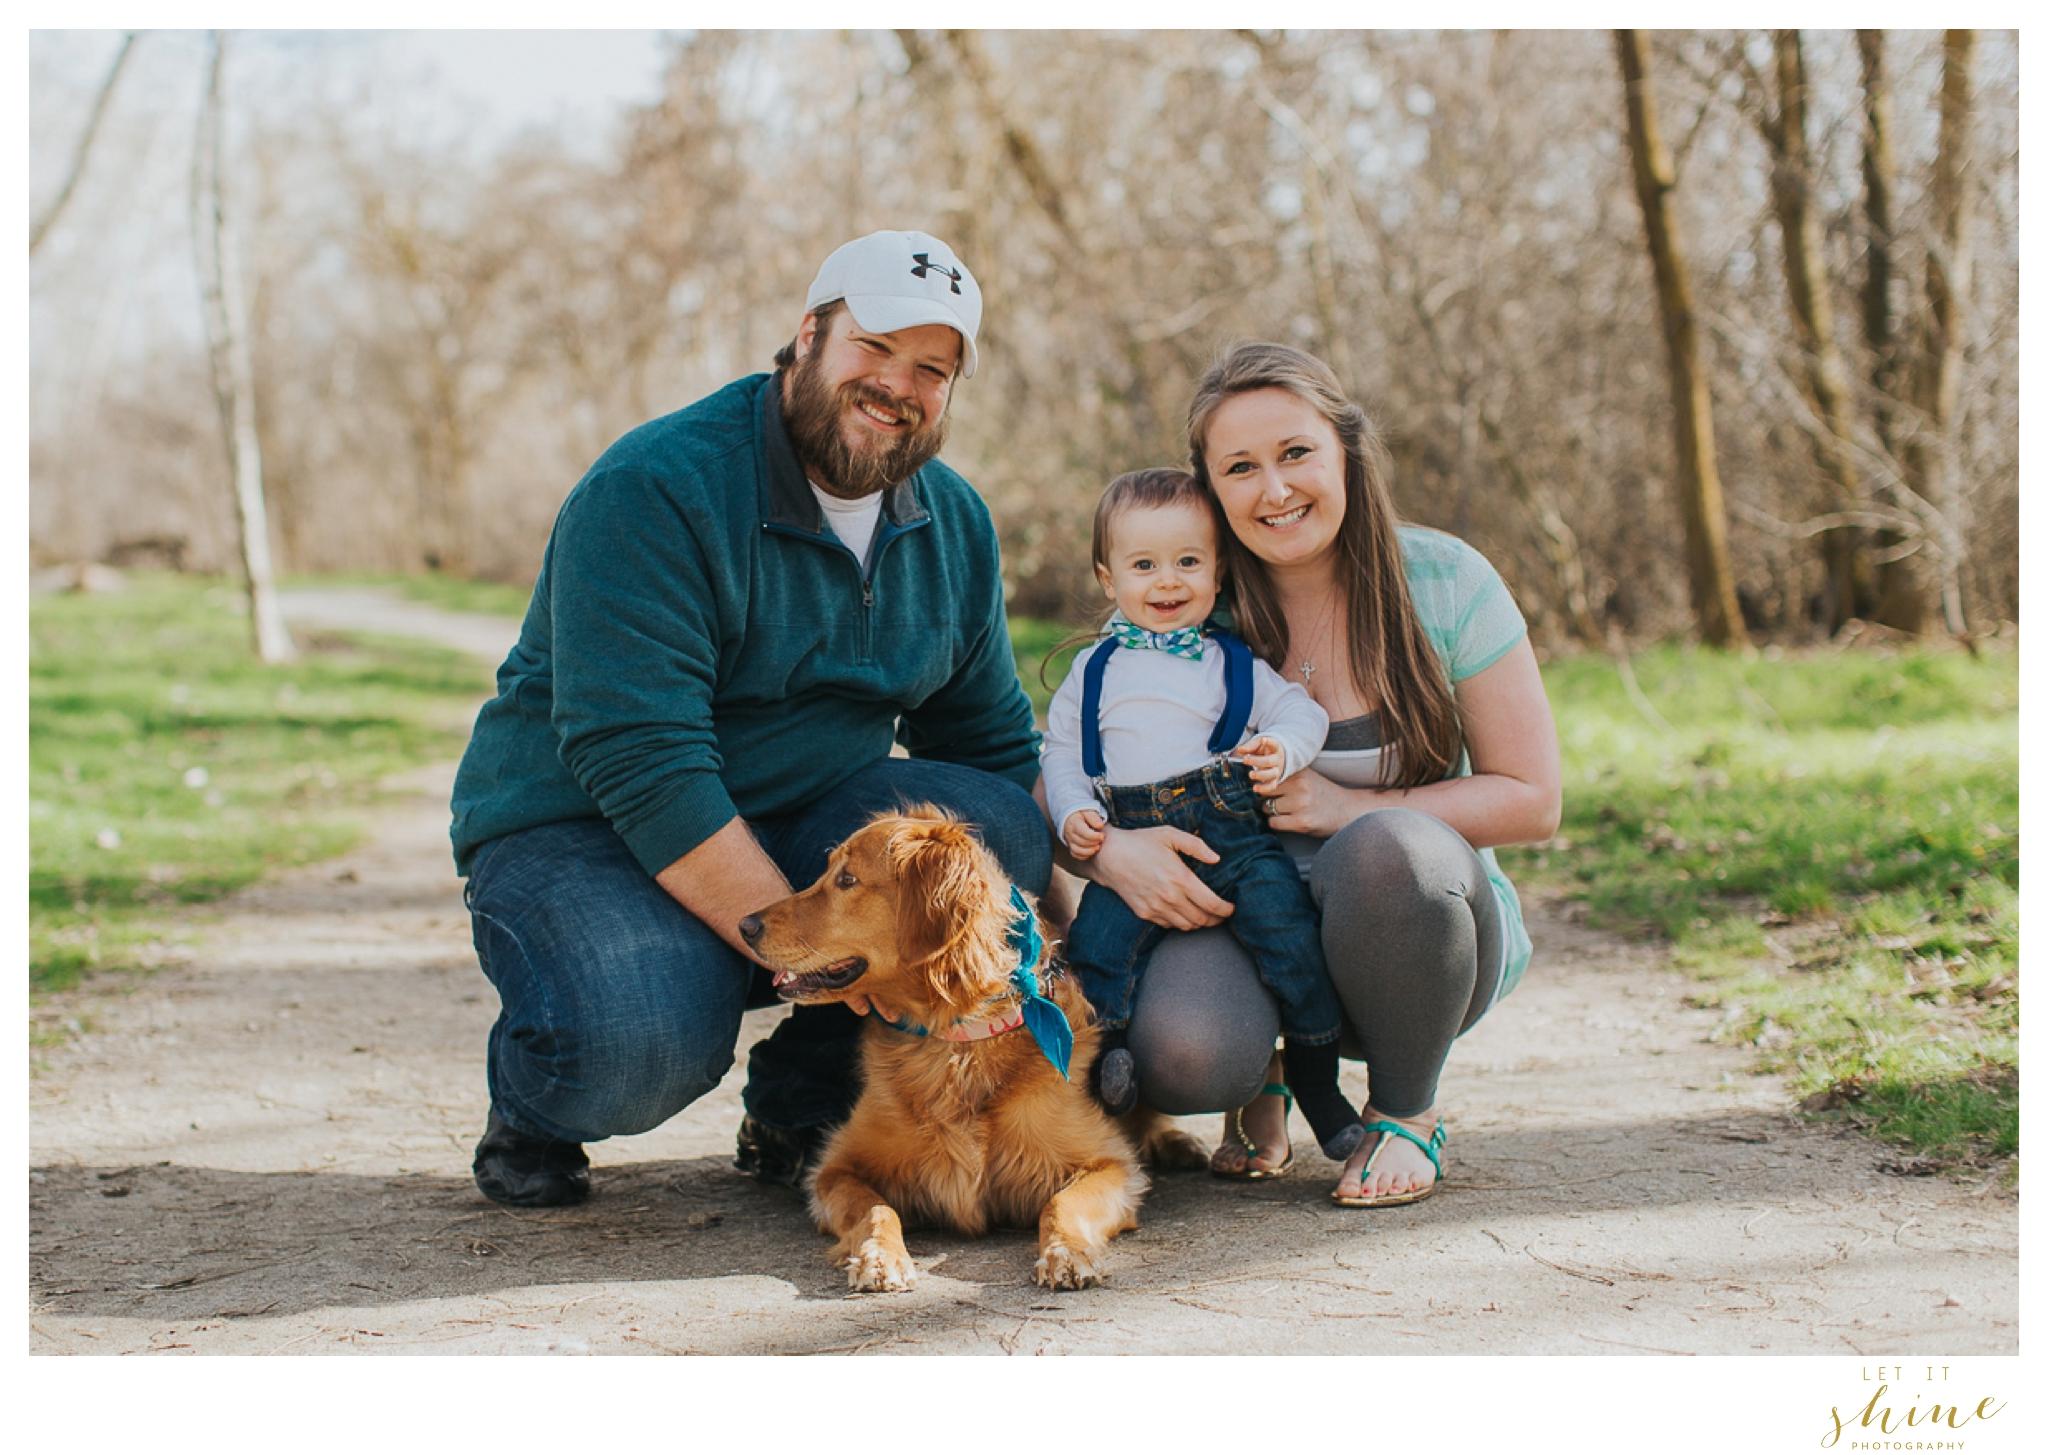 Spring Family Photos Boise Photographer-8342.jpg